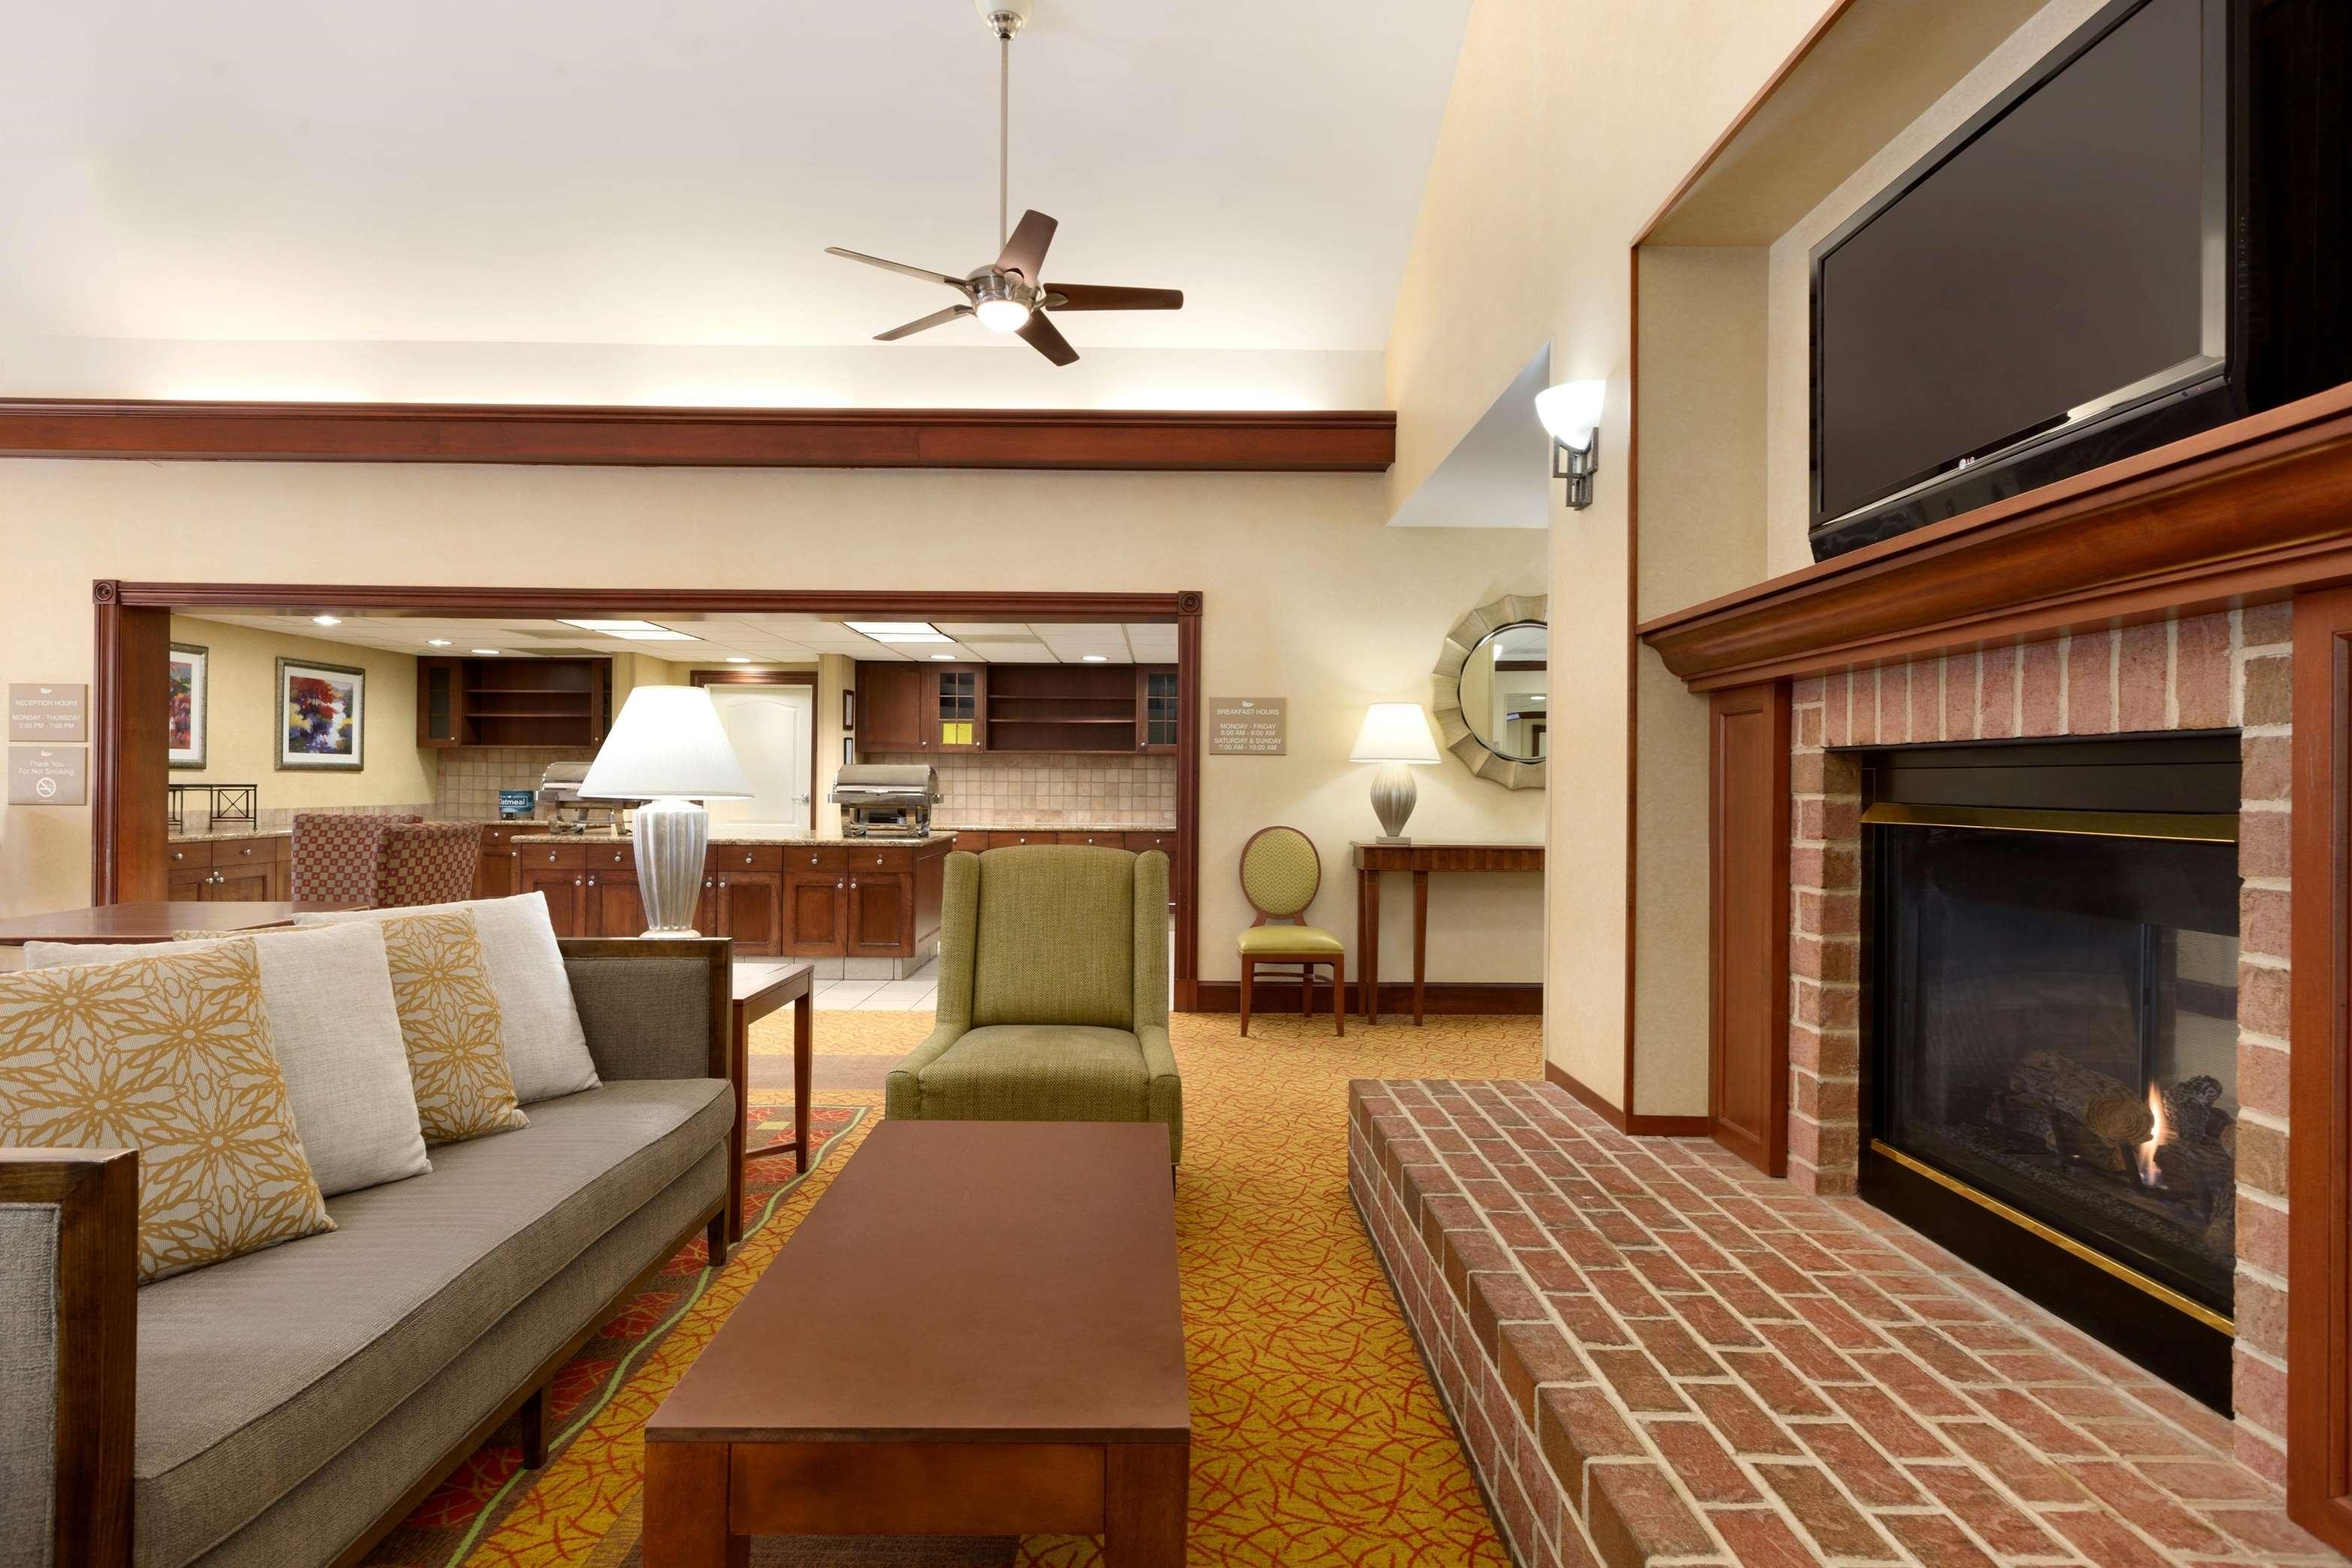 Homewood Suites by Hilton Dulles-North/Loudoun image 24